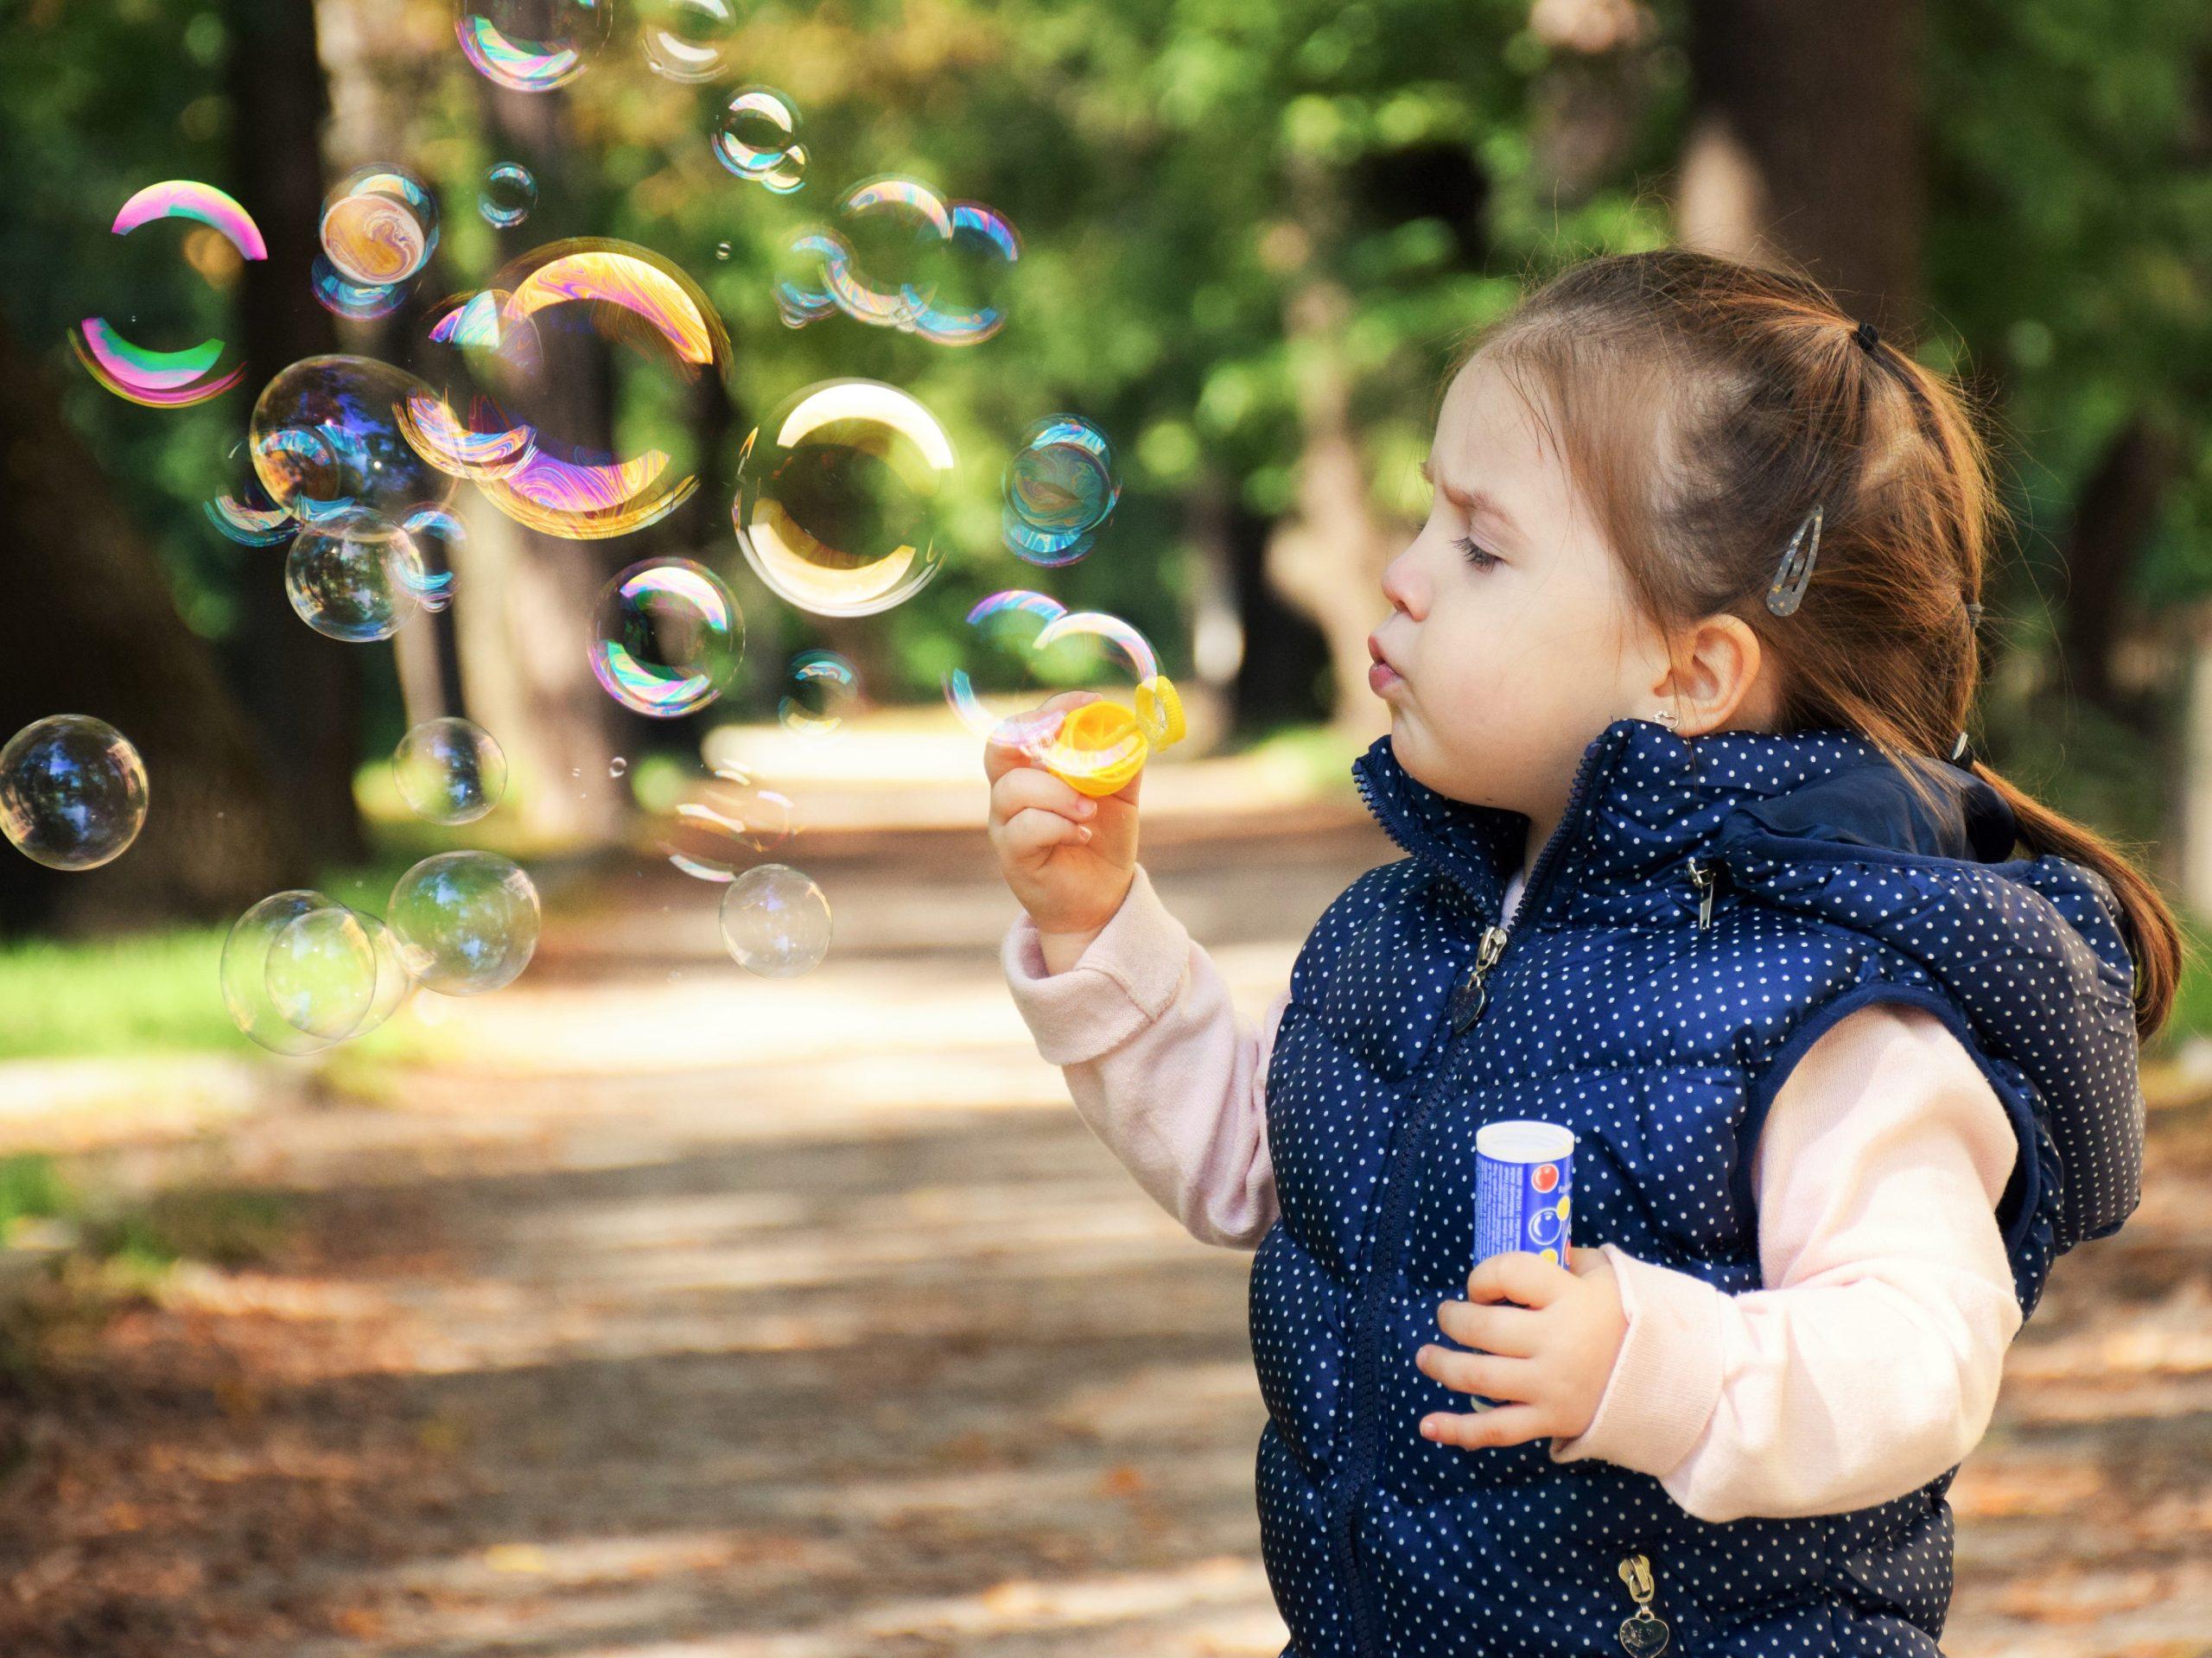 LE NOUVEAU DROIT DE L'ENTRETIEN DE L'ENFANT : GARDE ALTERNEE COMME OPTION, SANS POUR AUTANT ÊTRE LA RÈGLE – CRITÈRE DÉTERMINANT : L'INTÉRÊT DE L'ENFANT